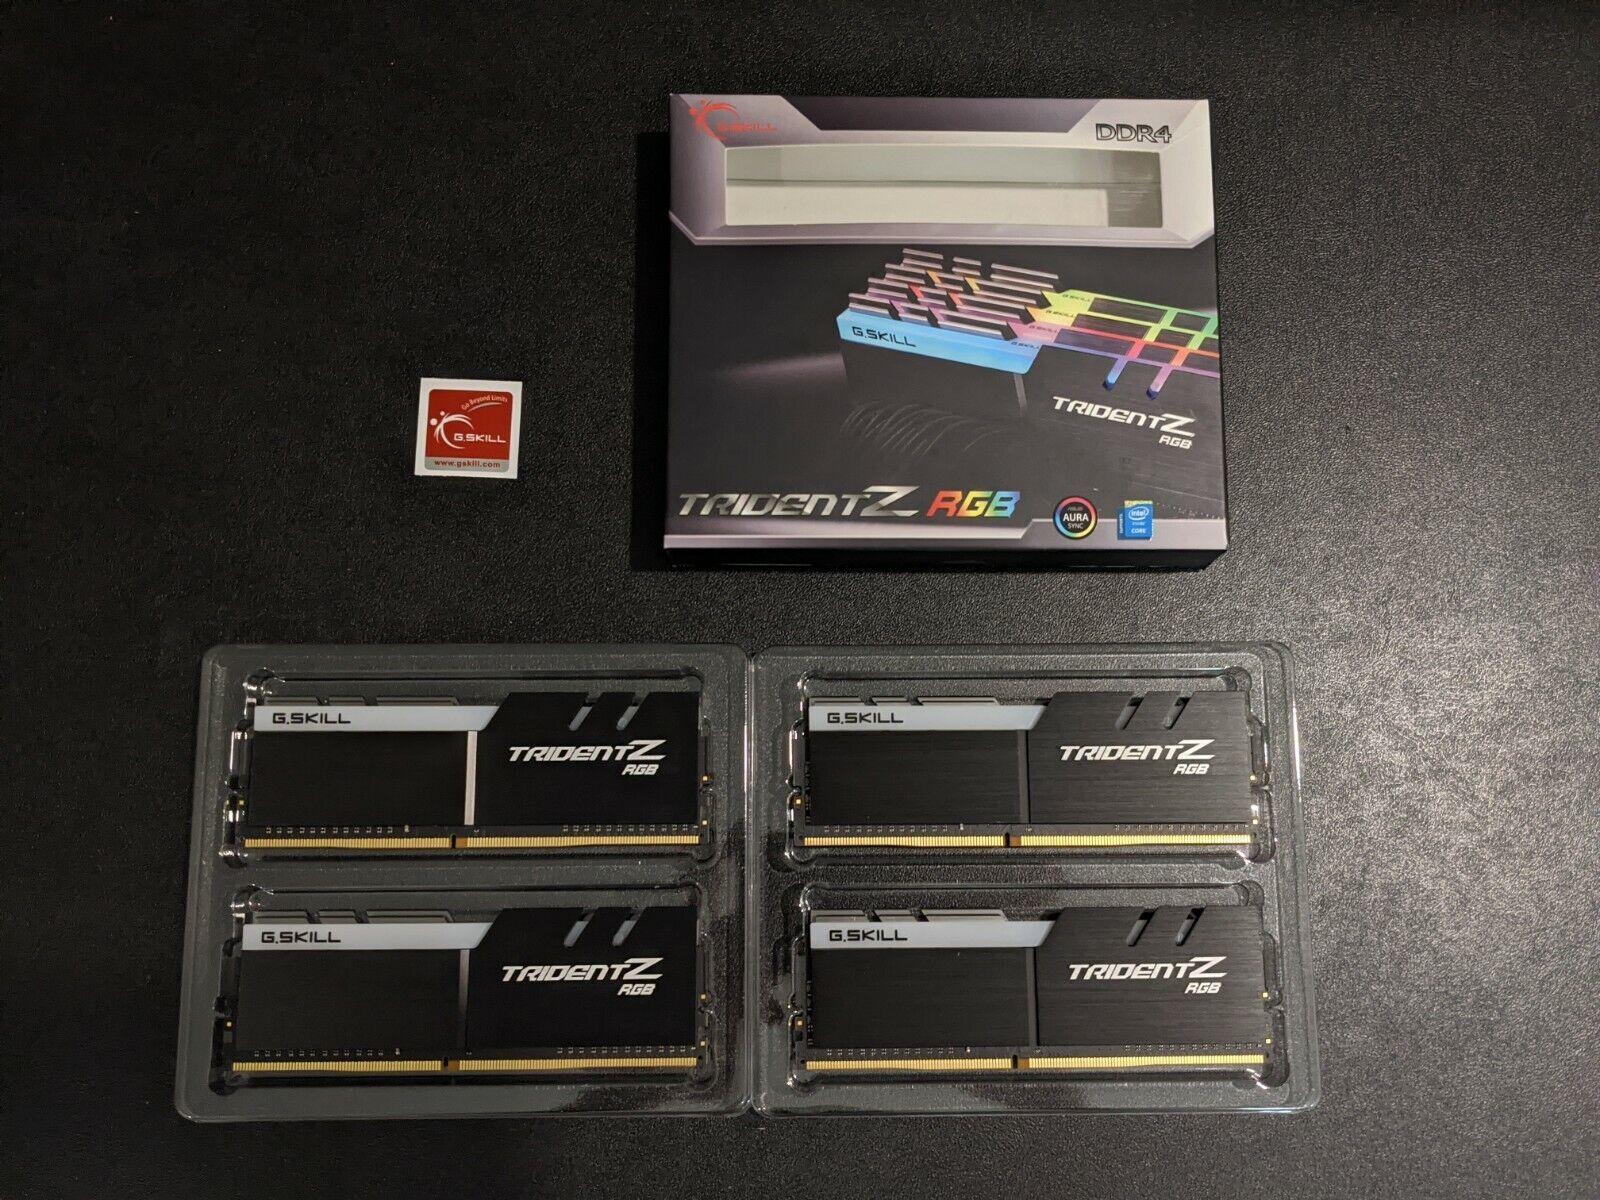 G.SKILL TridentZ RGB Series 32GB 4x8GB DDR4 3600MHz DIMM F4-3600C17Q-32GTZR - $299.99